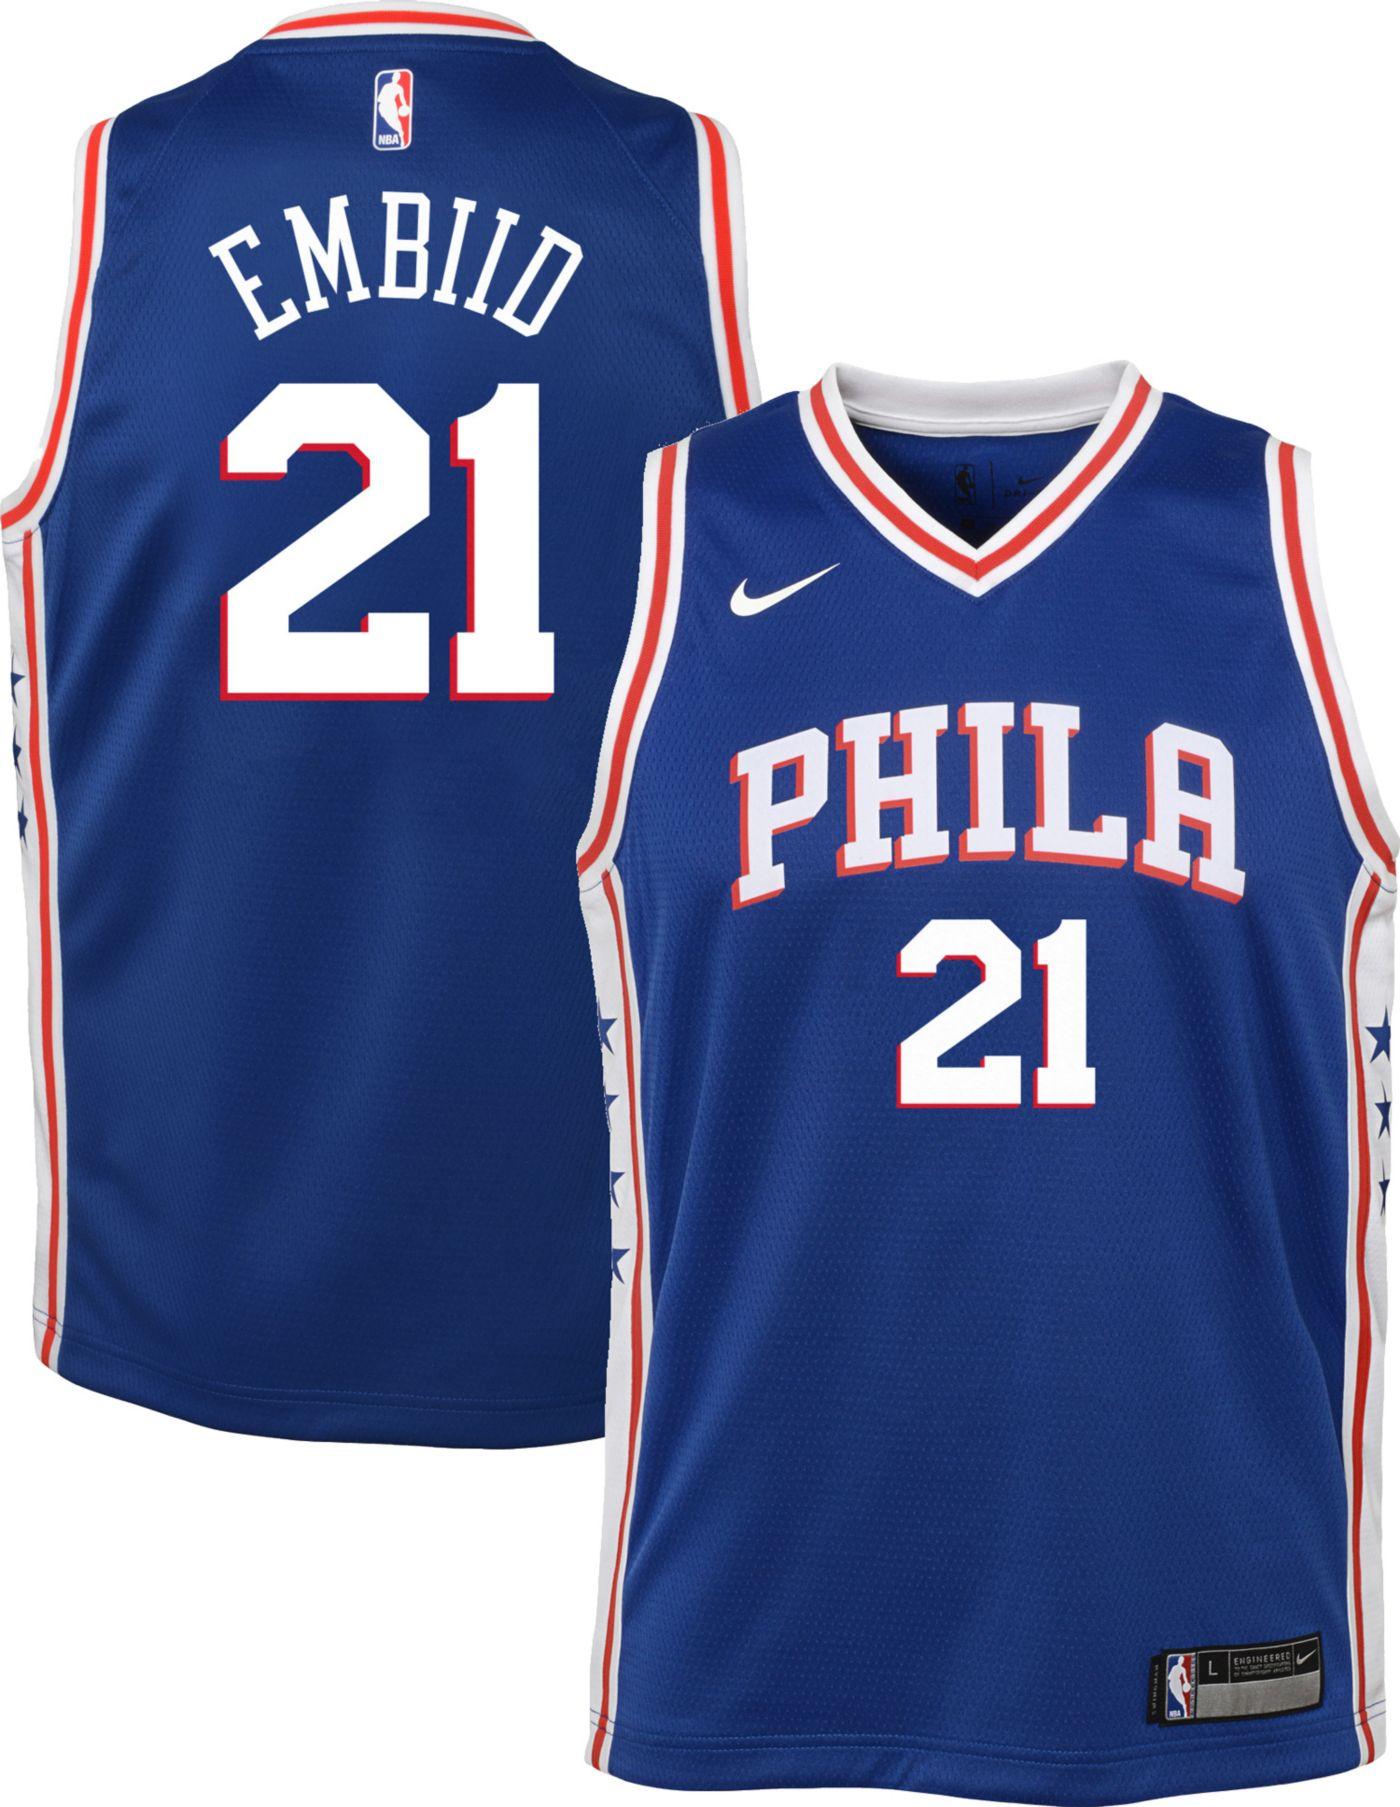 Nike Youth Philadelphia 76ers Joel Embiid #21 Royal Dri-FIT Swingman Jersey